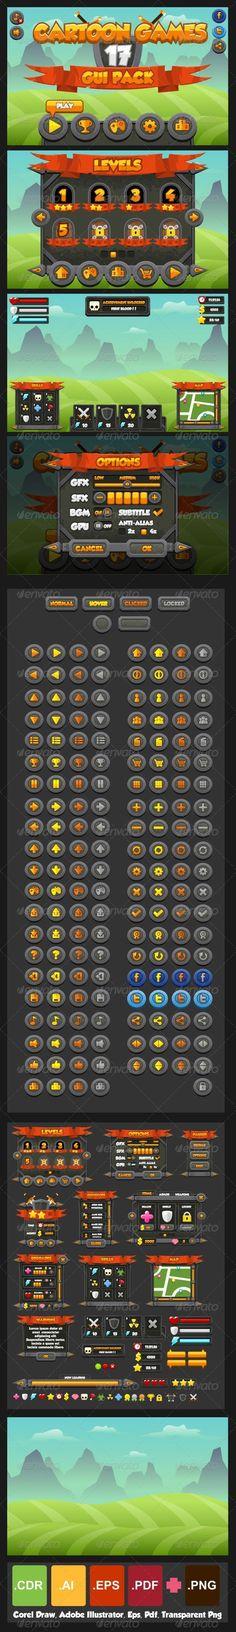 Cartoon Games GUI Pack 17 - Web Elements Vectors